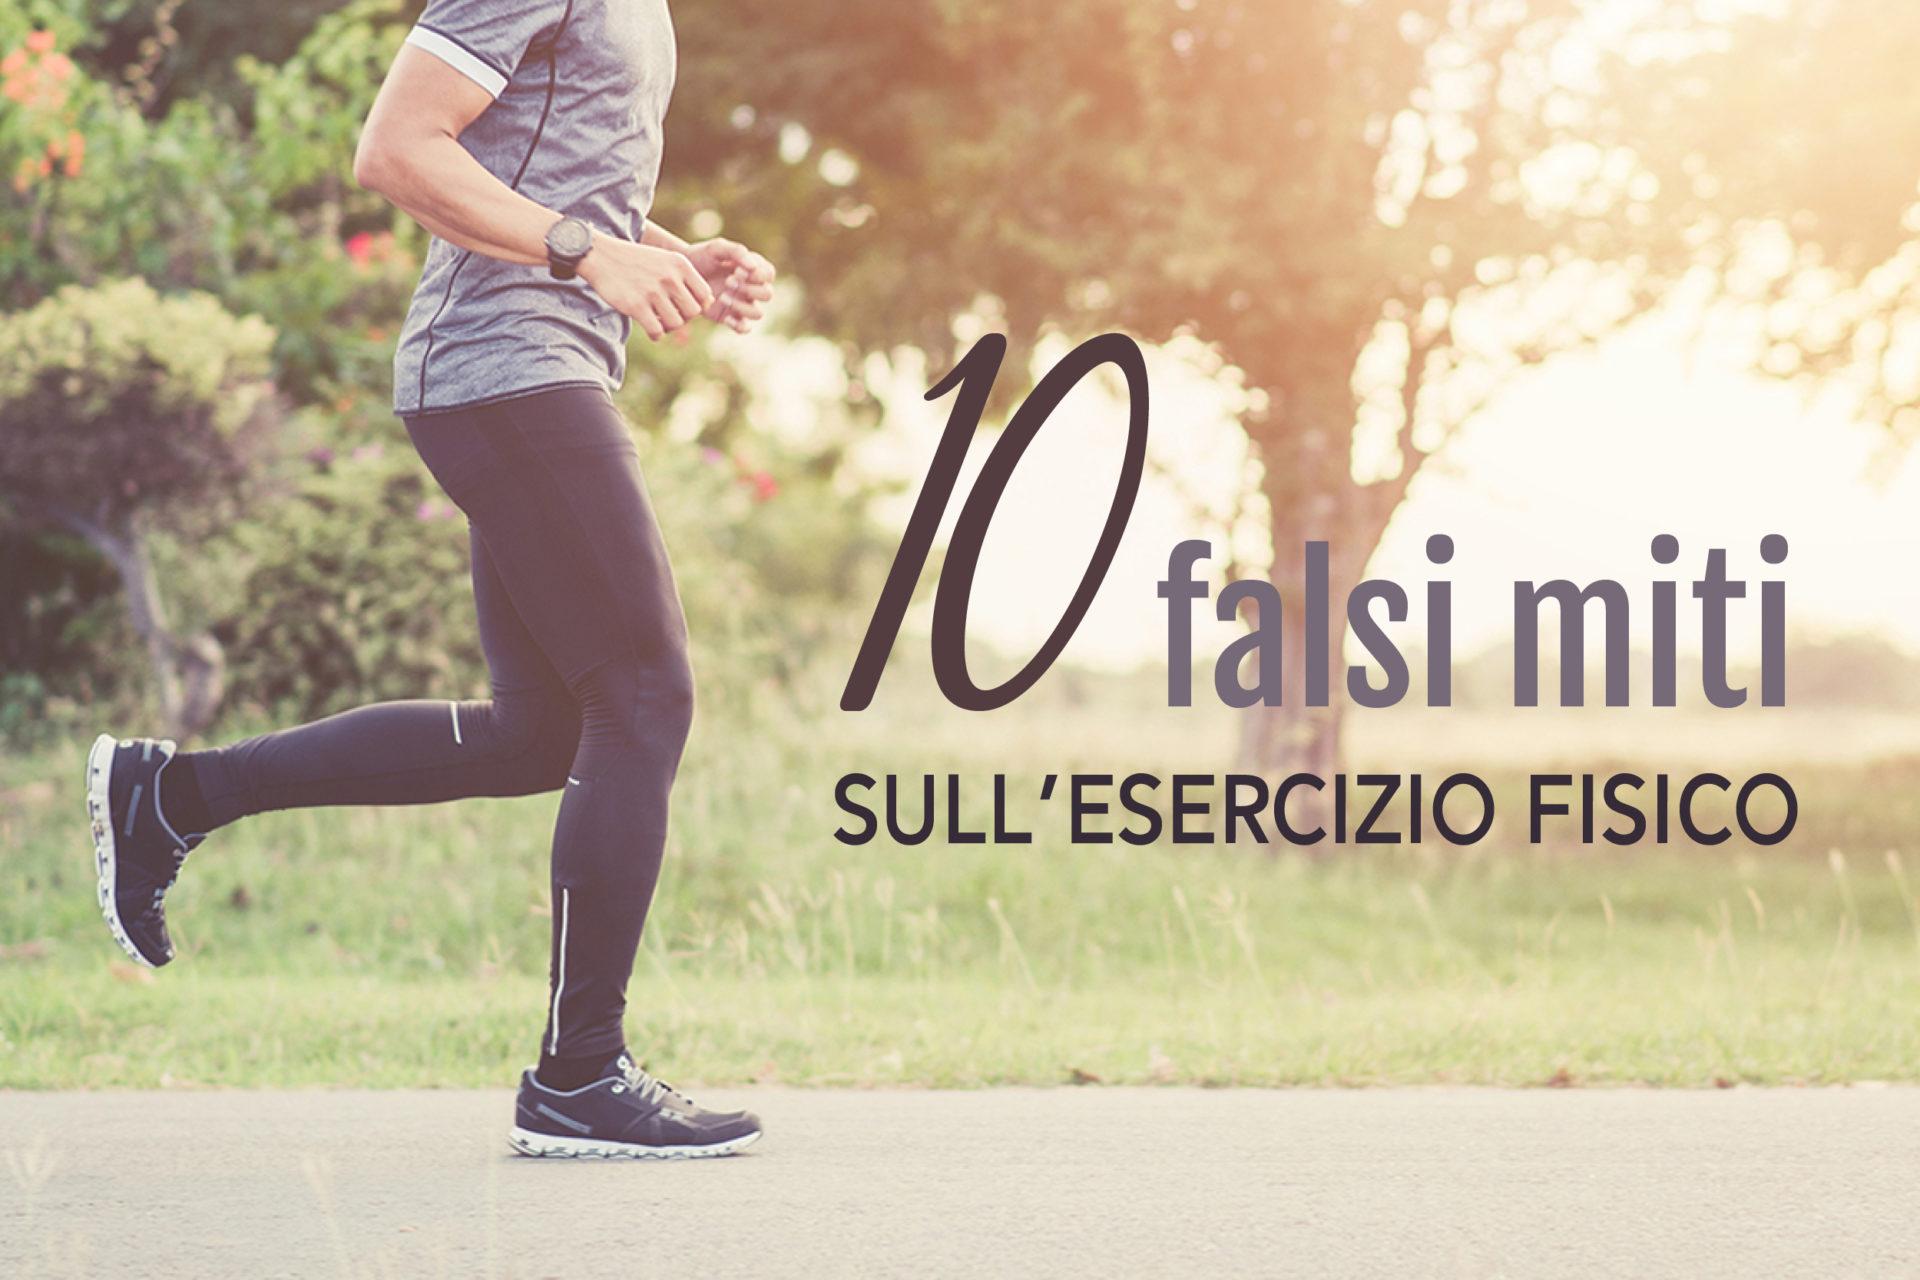 esercizio_fisico_falsi_miti